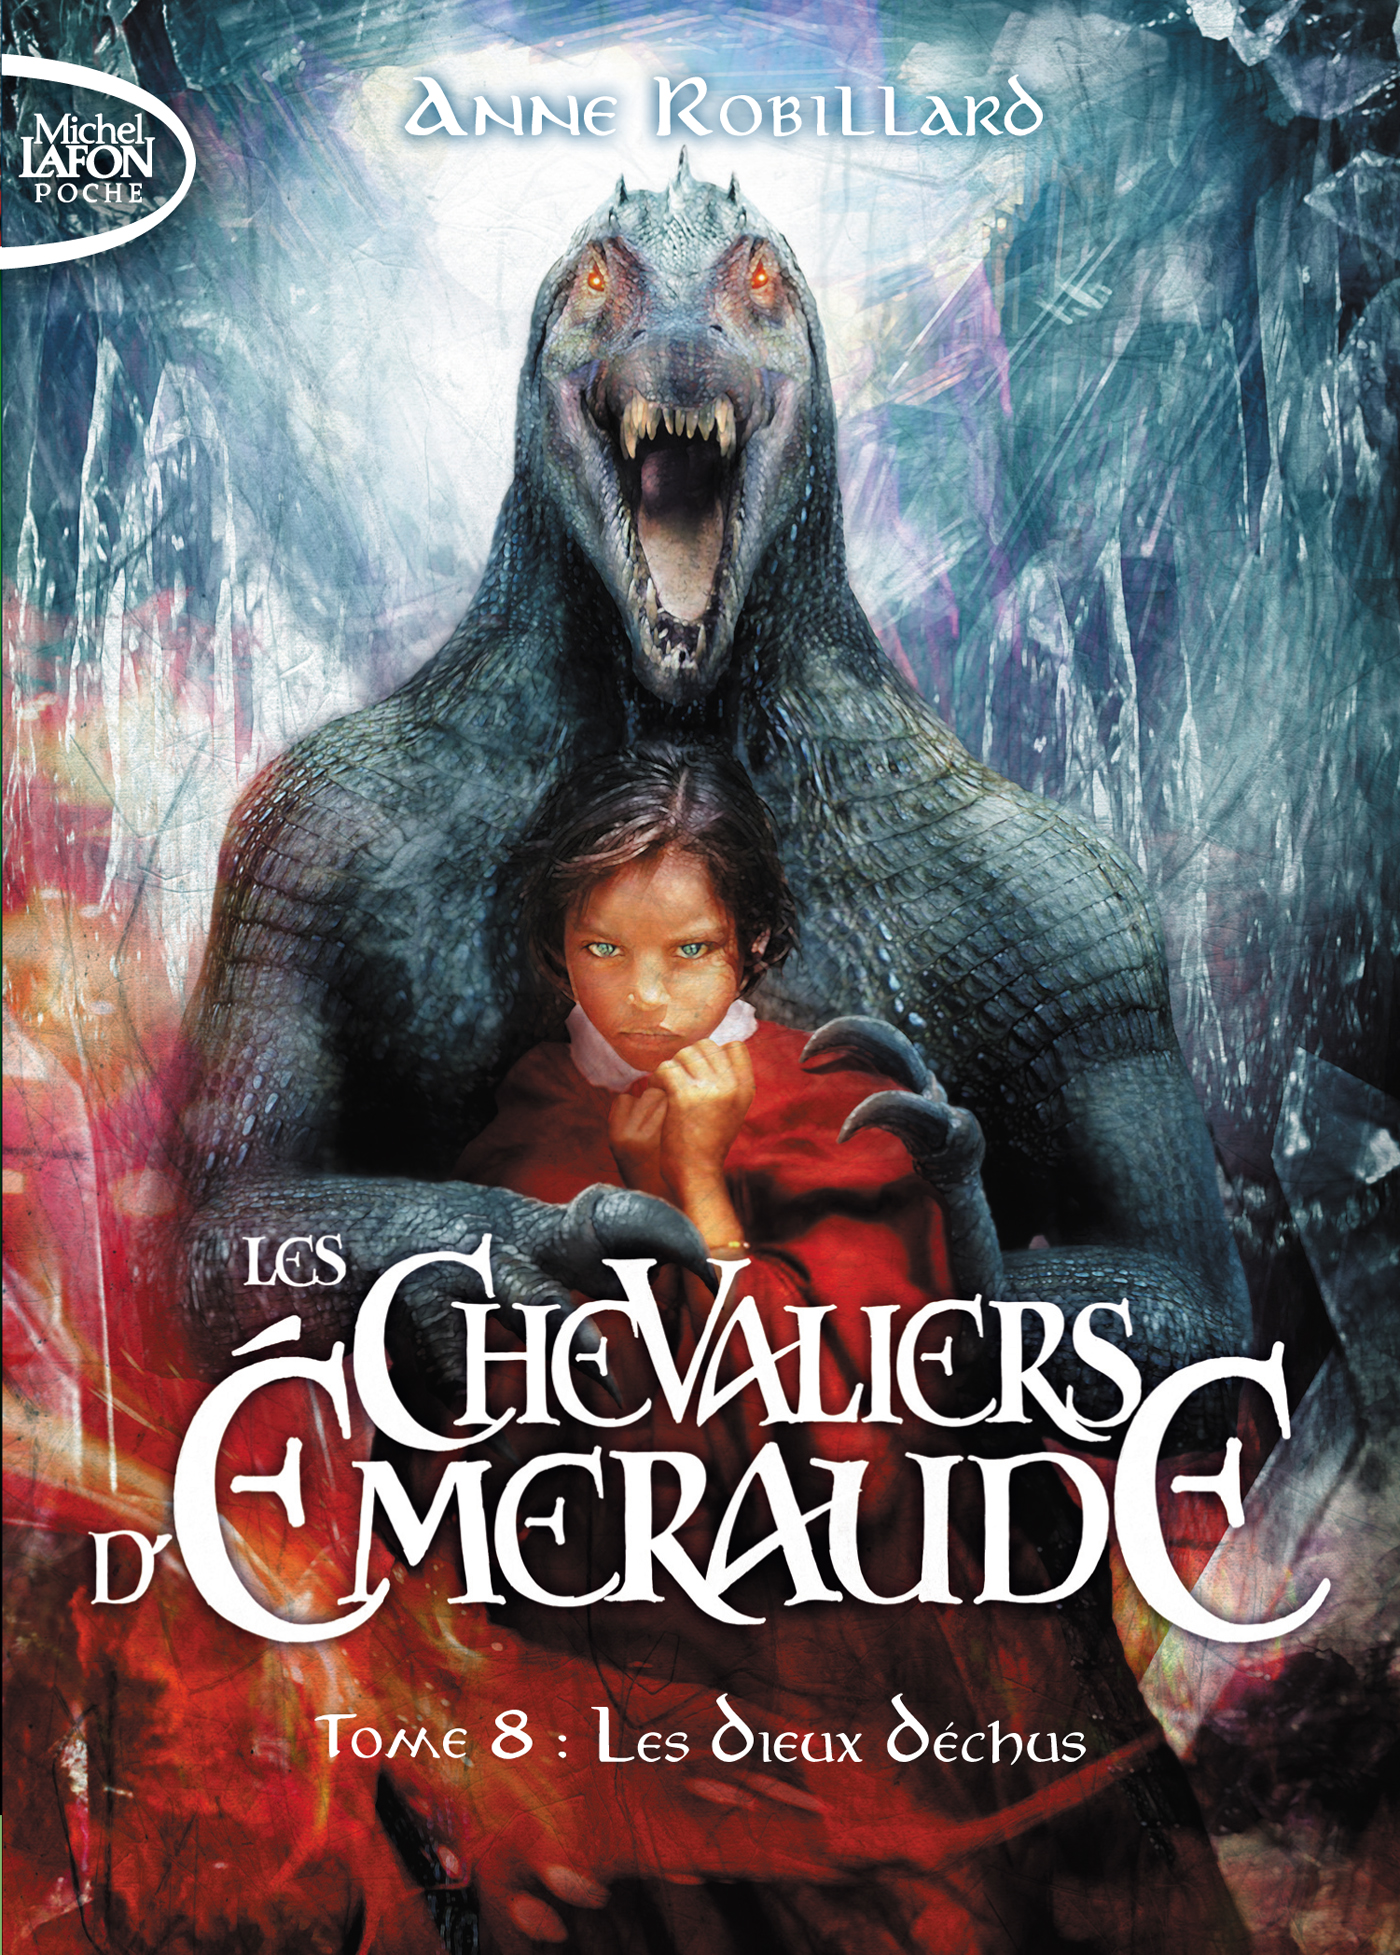 Les Chevaliers D'Émeraude Tome 8 : Les Dieux Déchus – POCHE